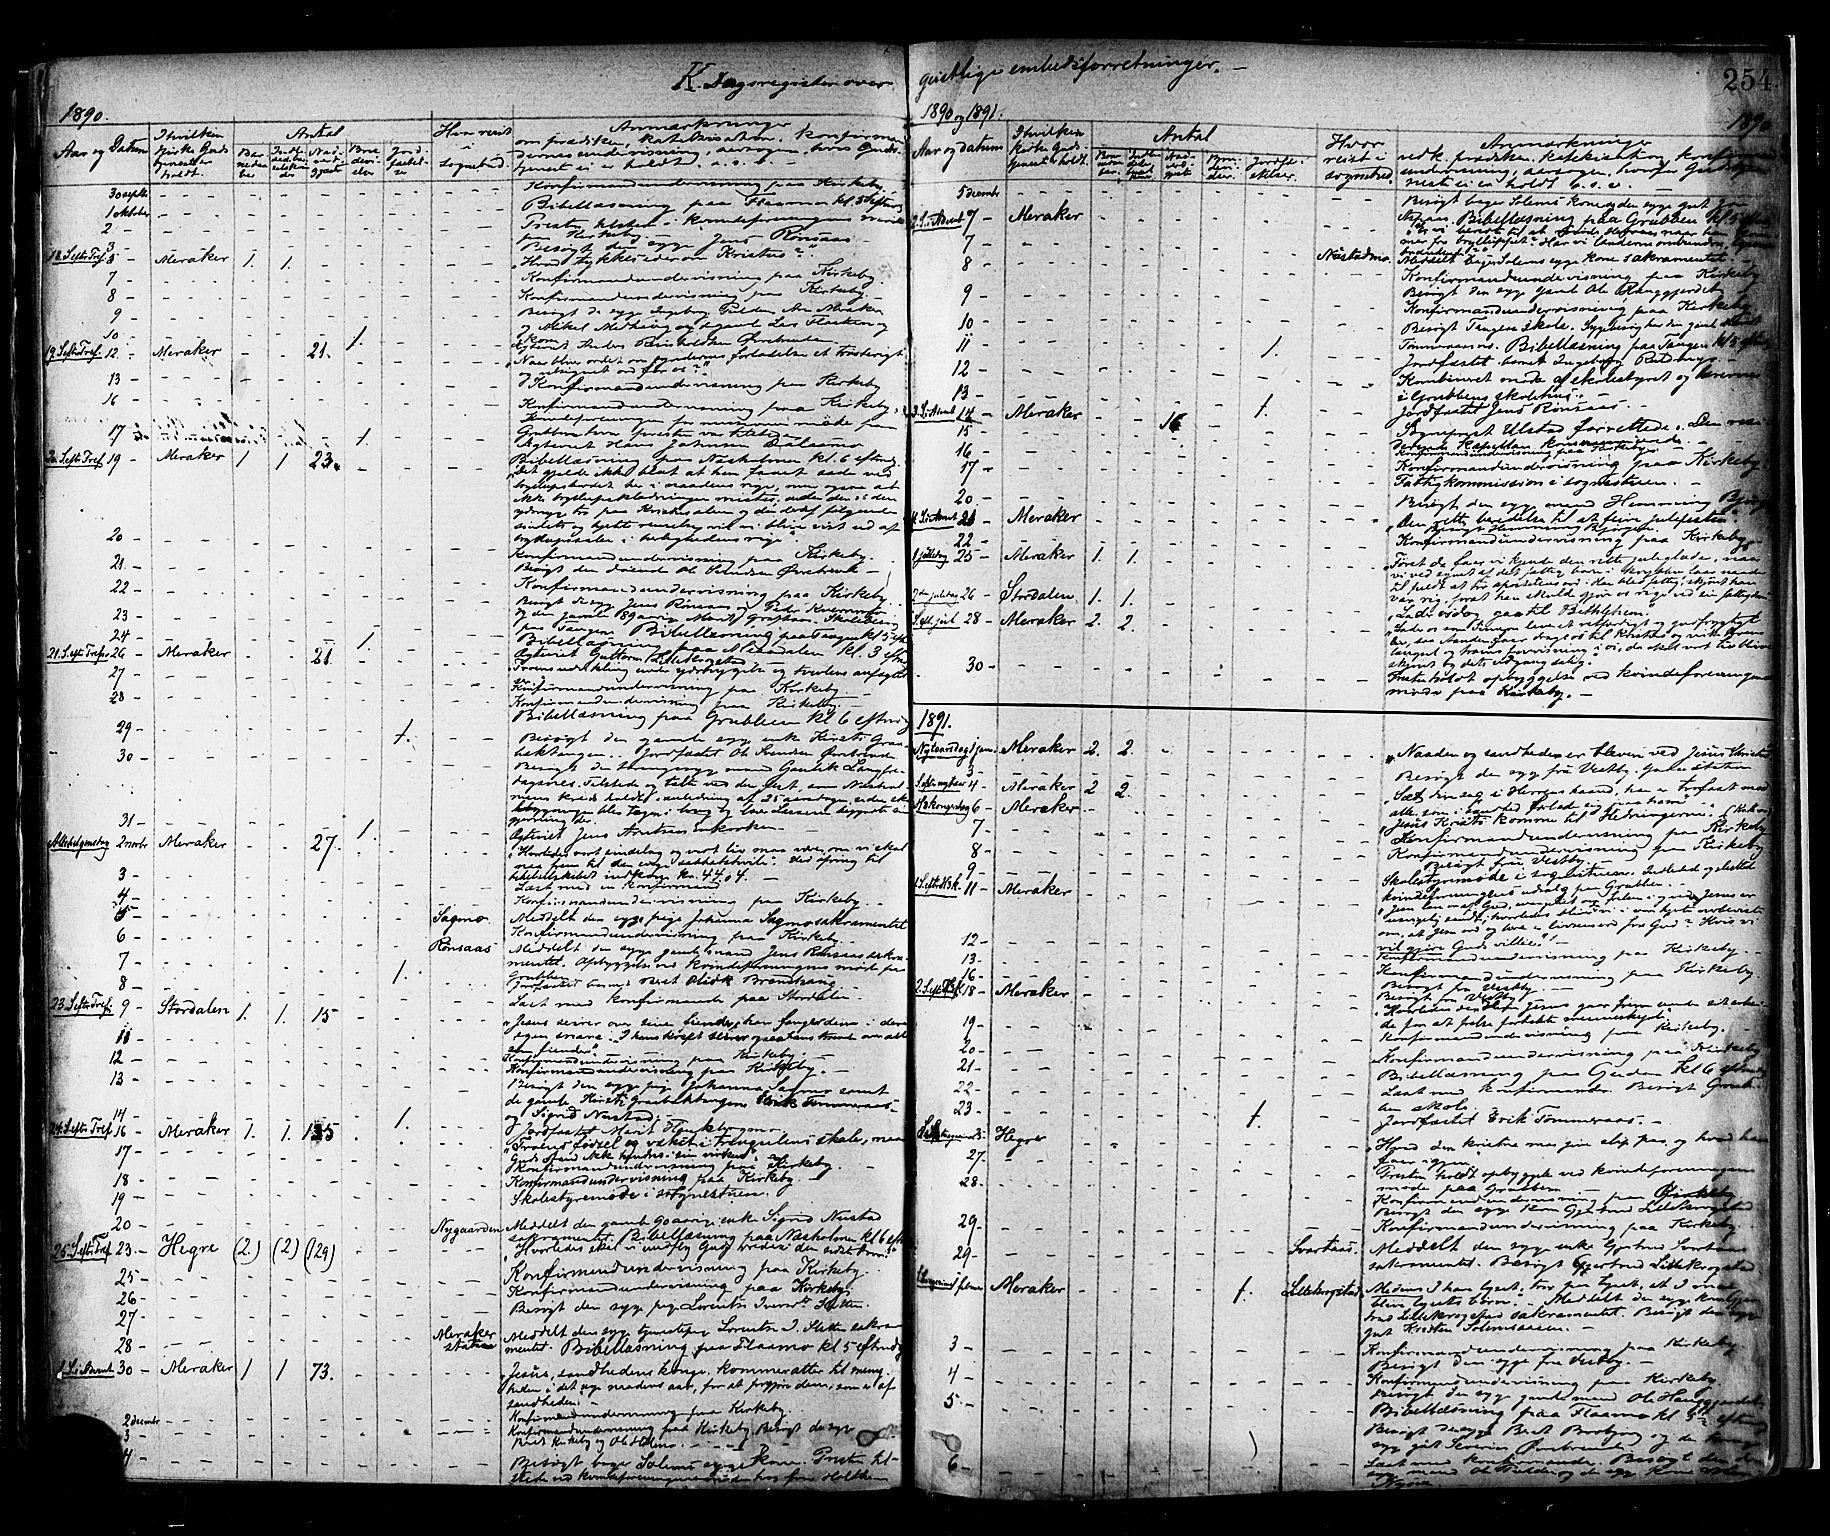 SAT, Ministerialprotokoller, klokkerbøker og fødselsregistre - Nord-Trøndelag, 706/L0047: Parish register (official) no. 706A03, 1878-1892, p. 254